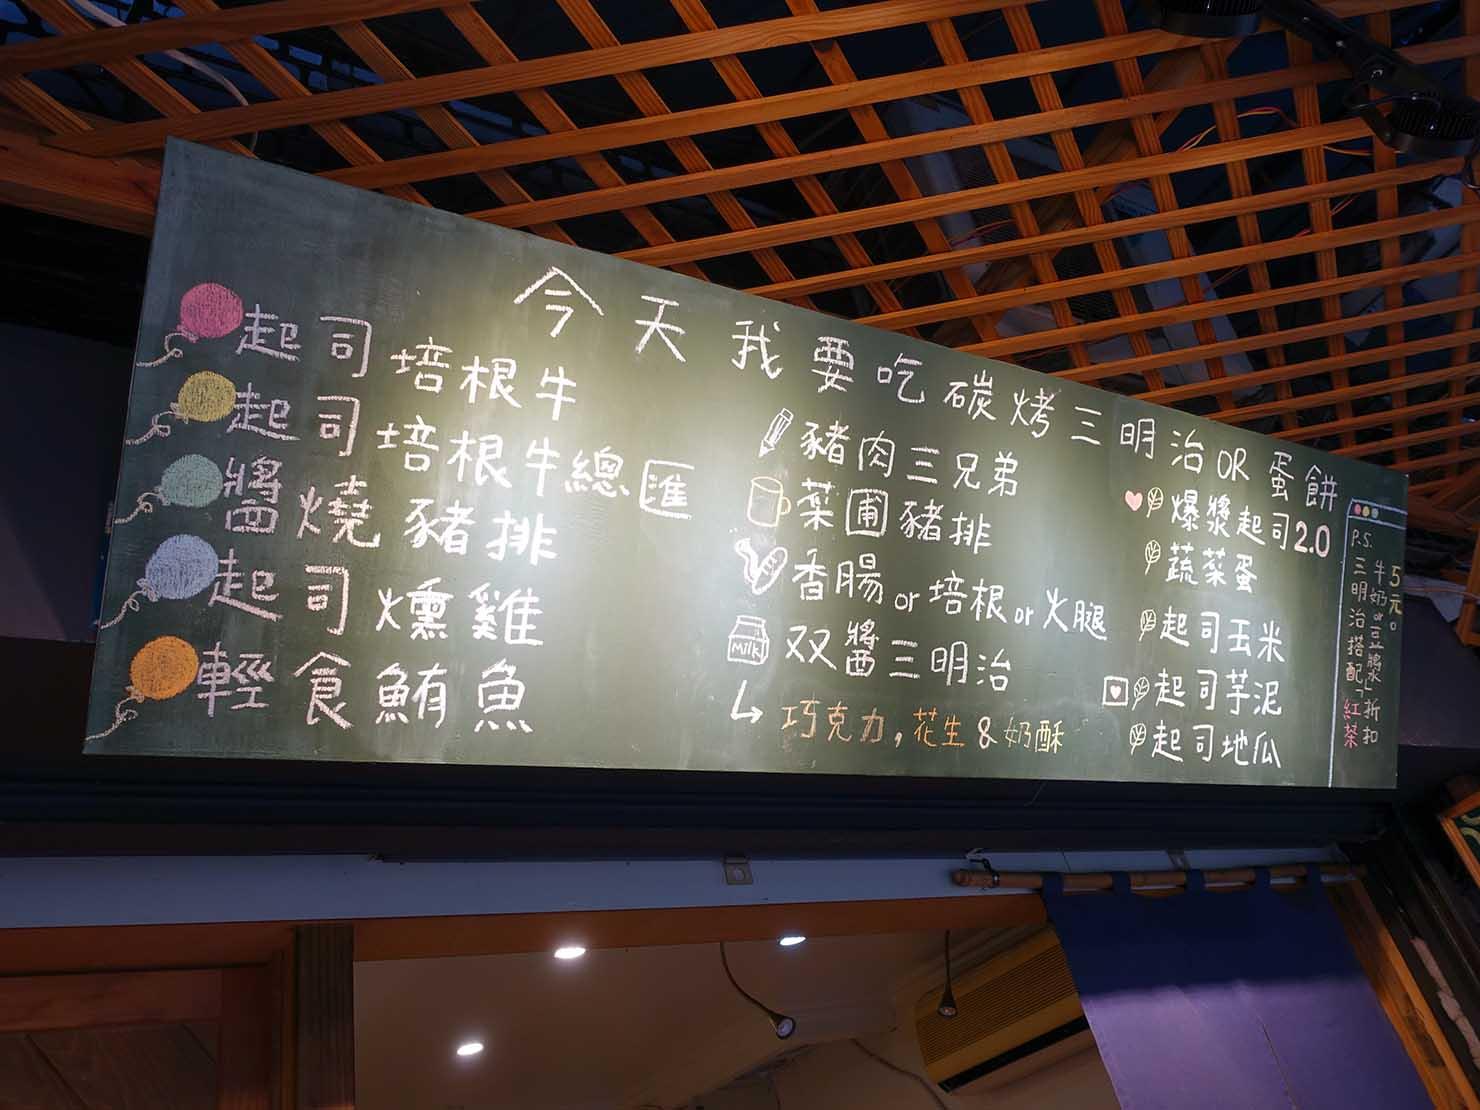 台北・忠孝復興駅(東區)のおすすめグルメ店「早安日和」のメニュー黒板